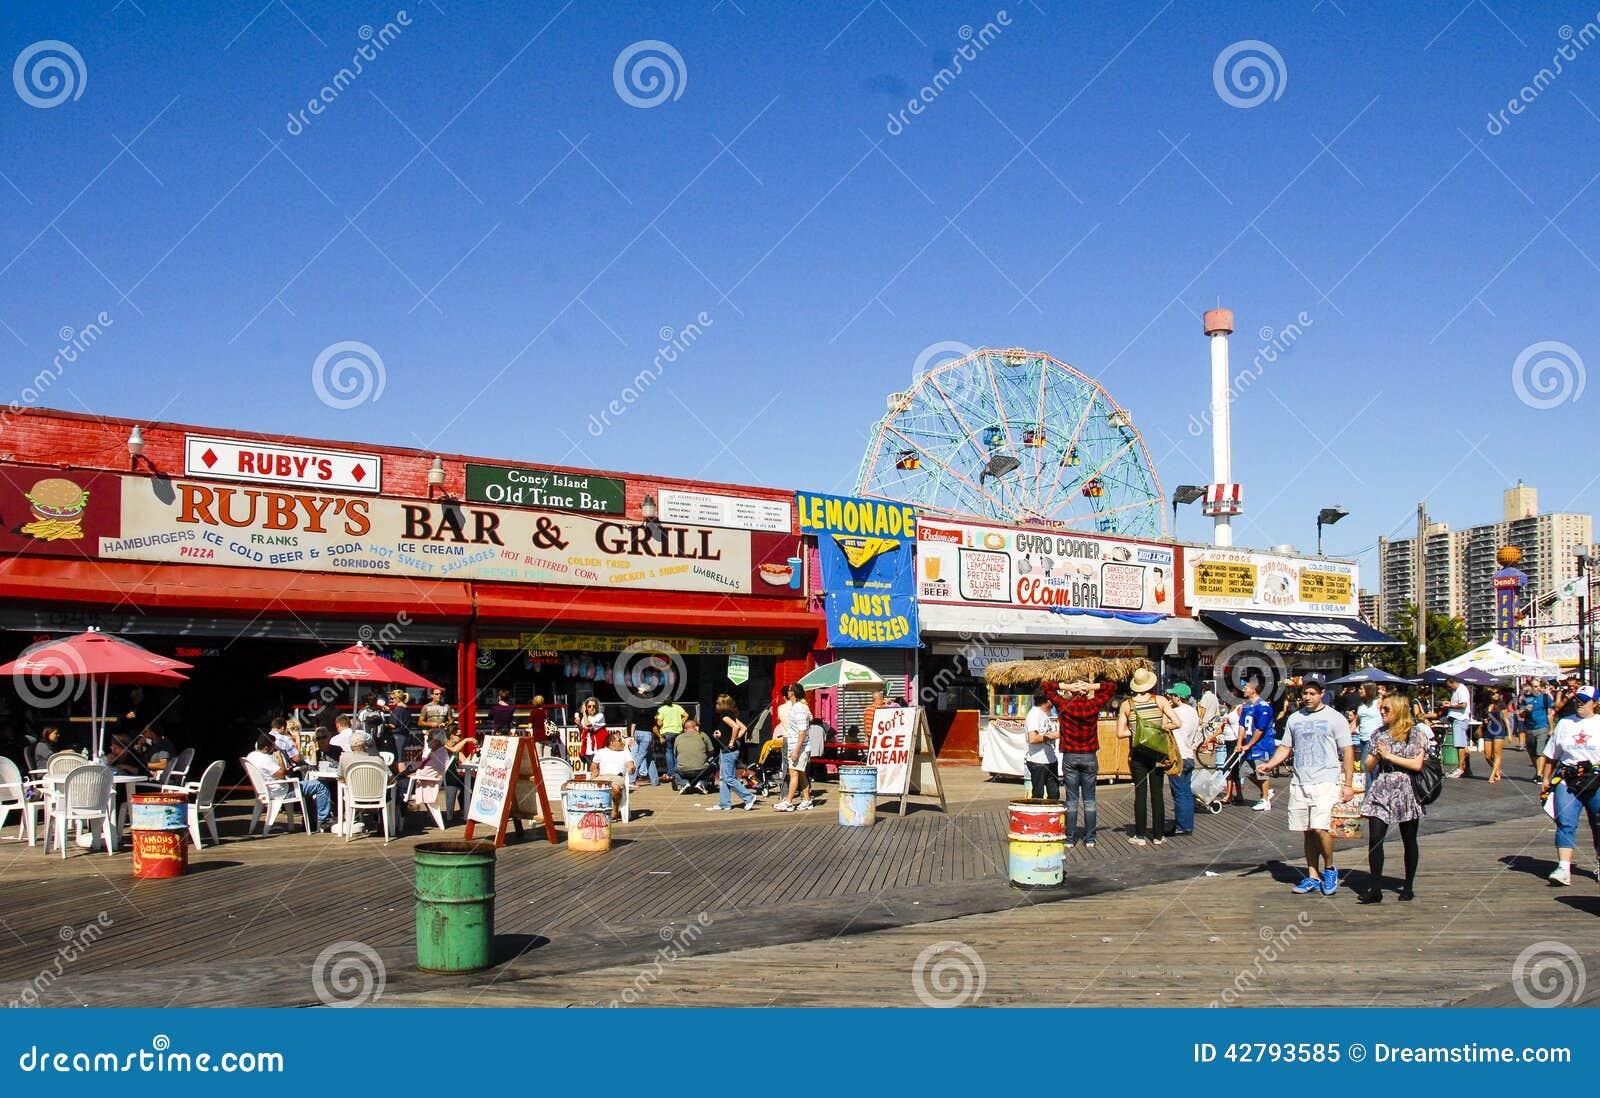 Θαλάσσιος περίπατος Μπρούκλιν, Νέα Υόρκη Coney Island